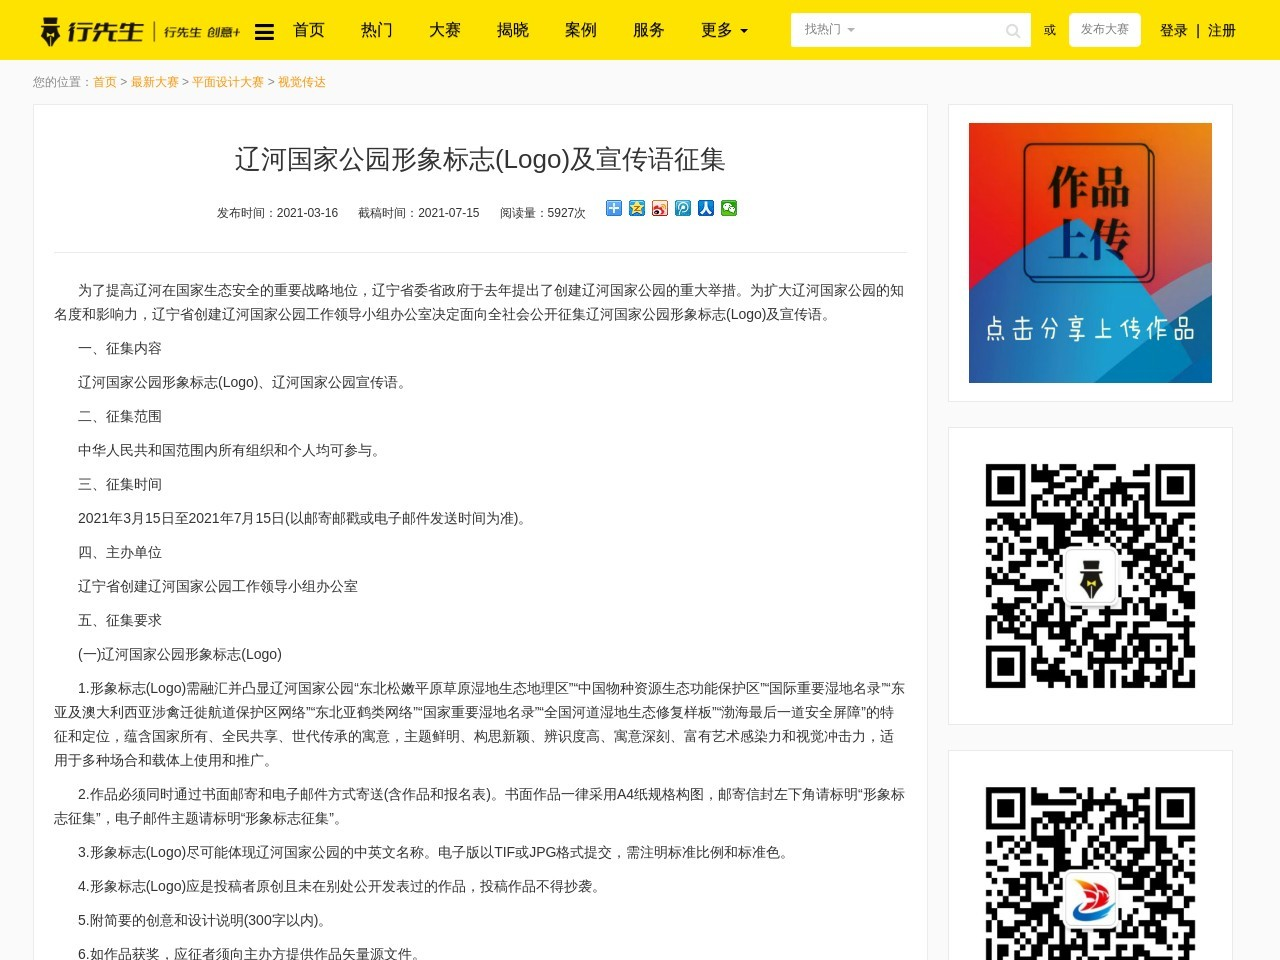 辽河国家公园形象标志(Logo)及宣传语征集